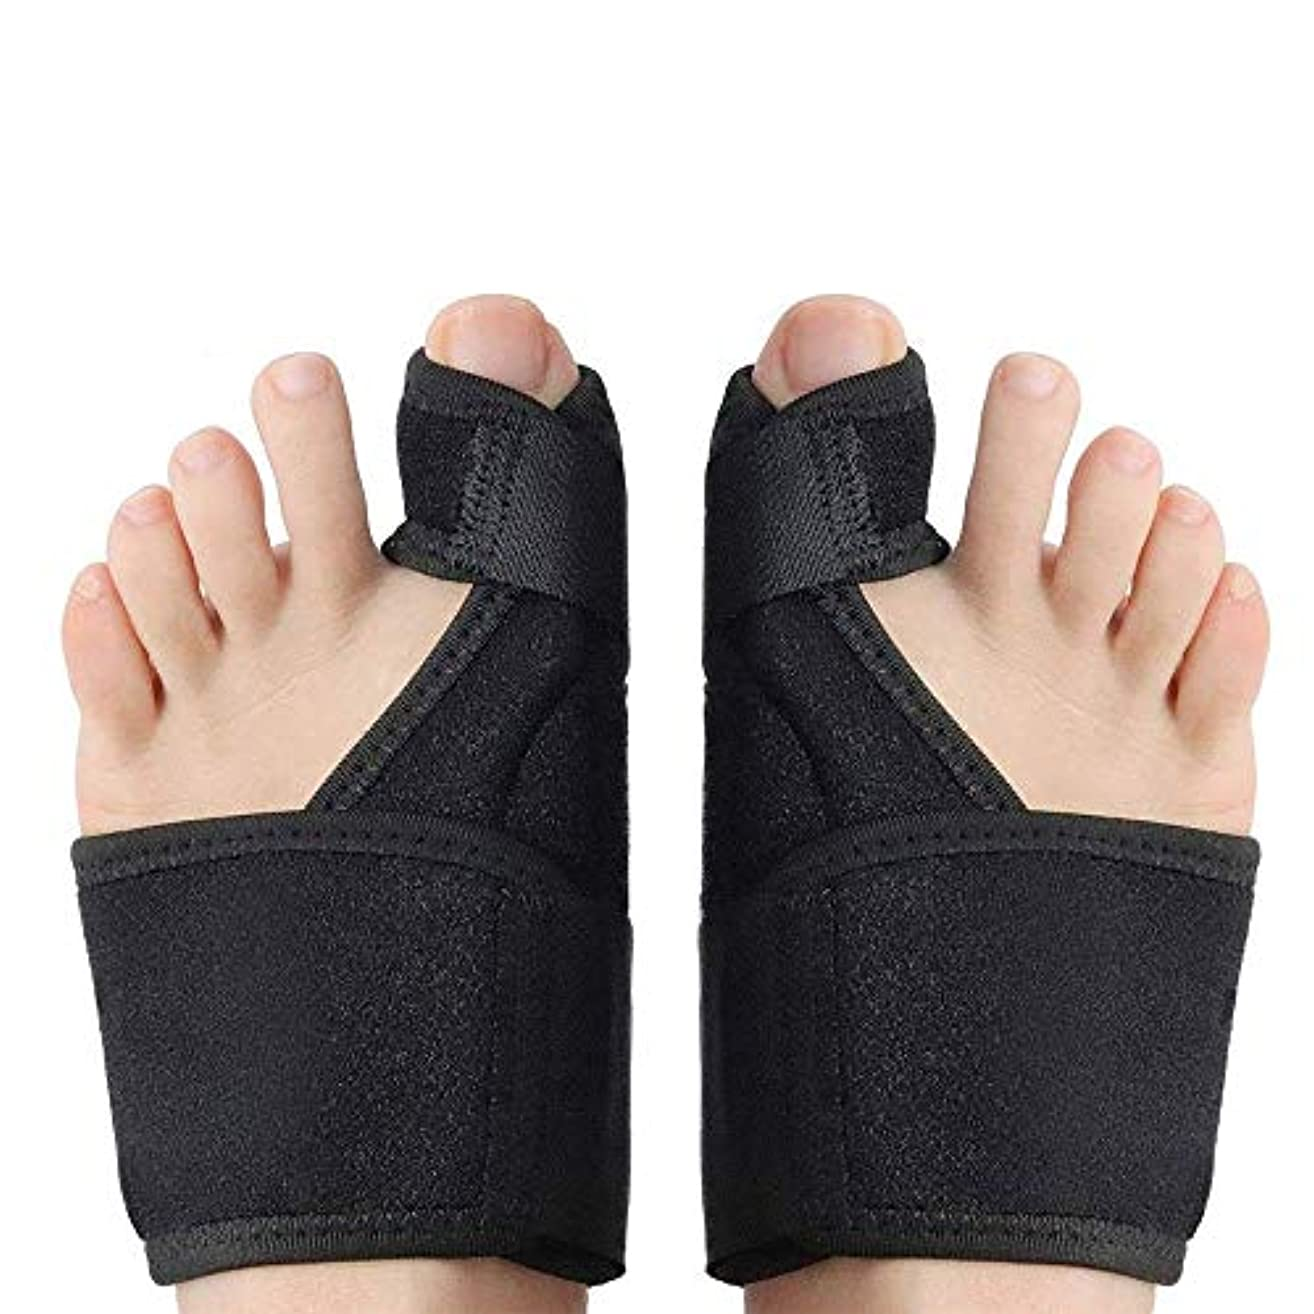 サイレント絶壁インストール腱膜矯正および腱膜弛緩整形外科のつま先ストレイテナー御馳走して外反母趾装具快適な外反ベルトアップグレードパッケージ